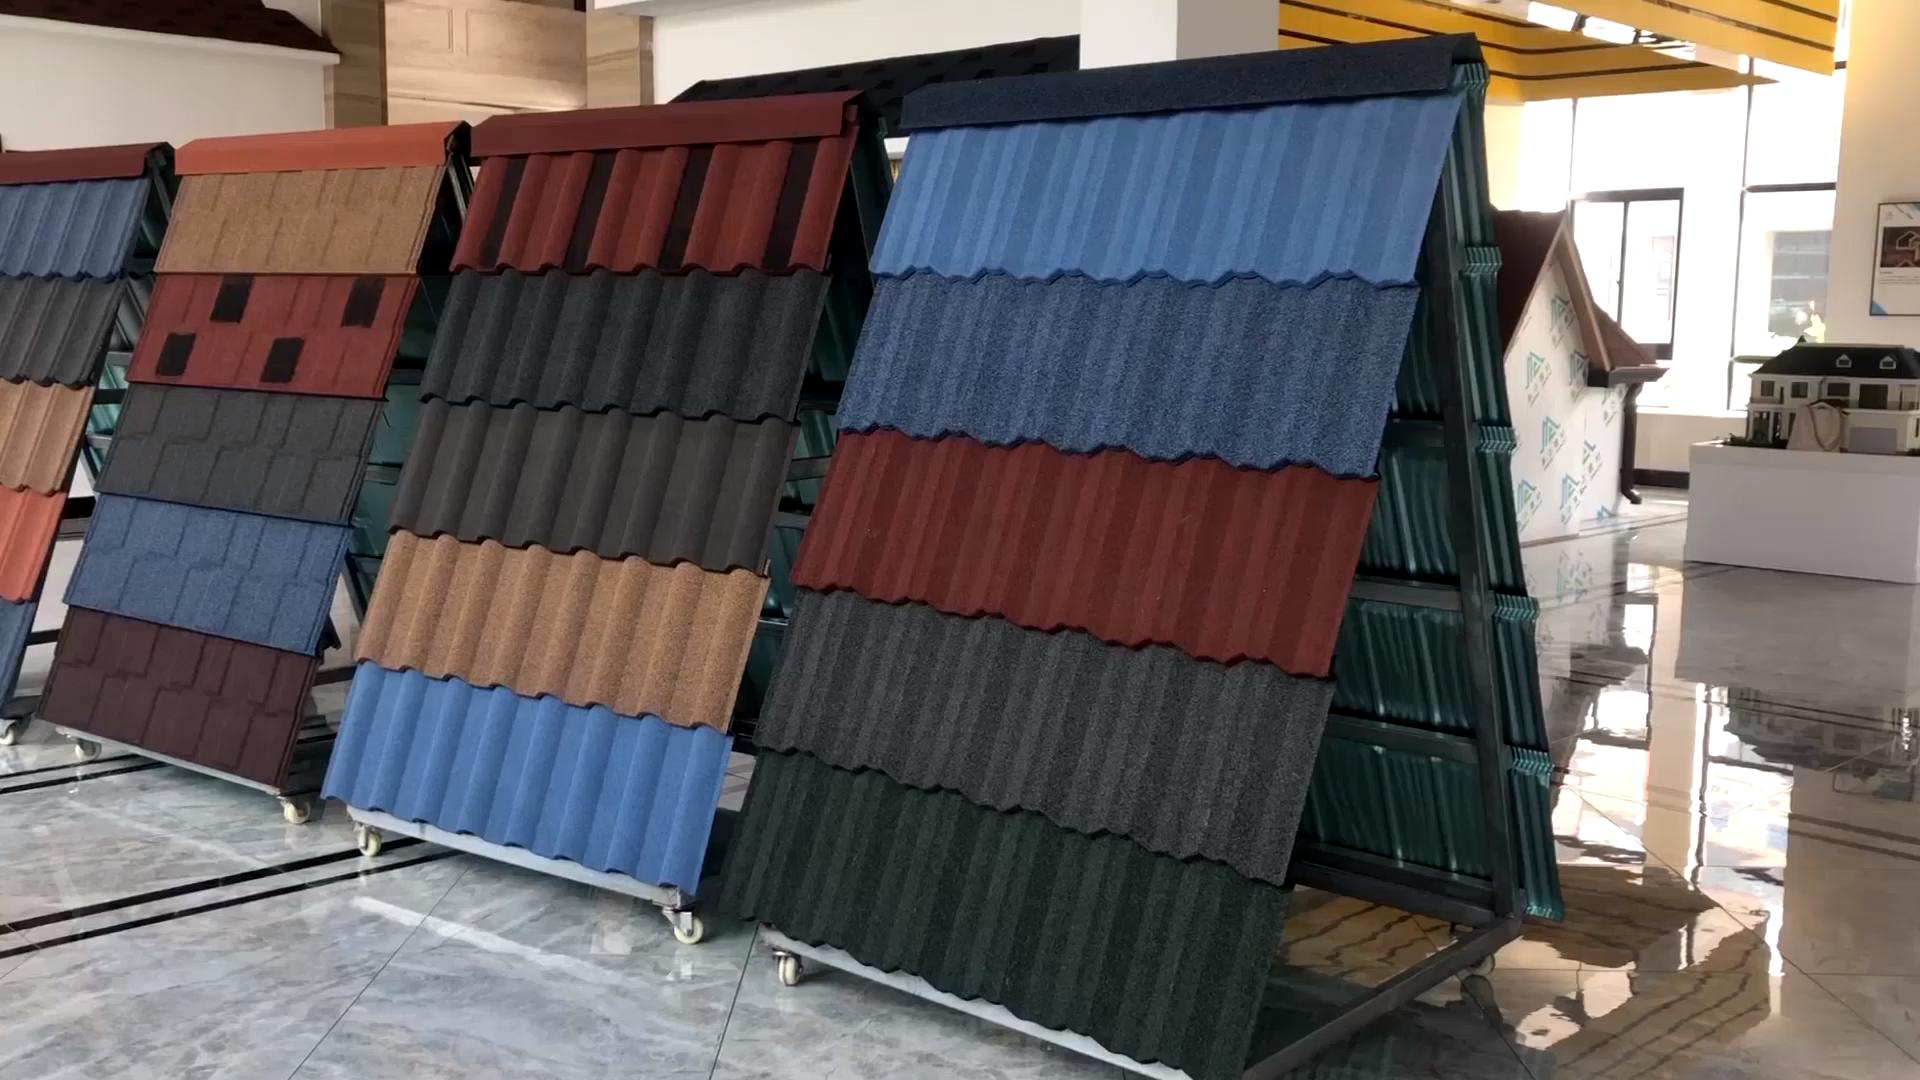 Popolare di materiali da costruzione di tegole del sud africa foglio di design in metallo di copertura